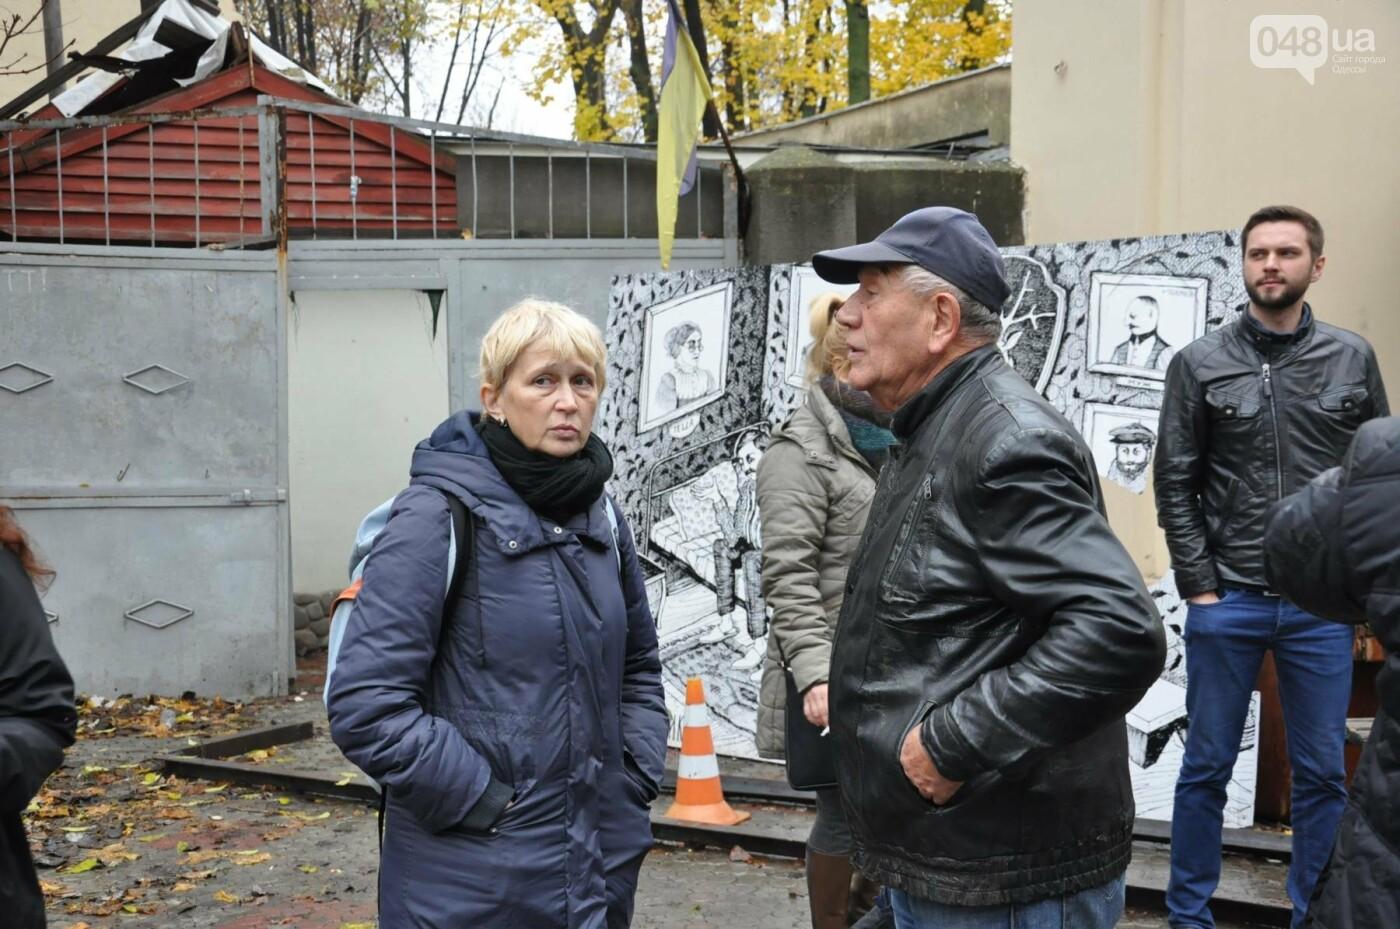 Активисты навели порядок в одесском Летнем театре (ФОТО), фото-5